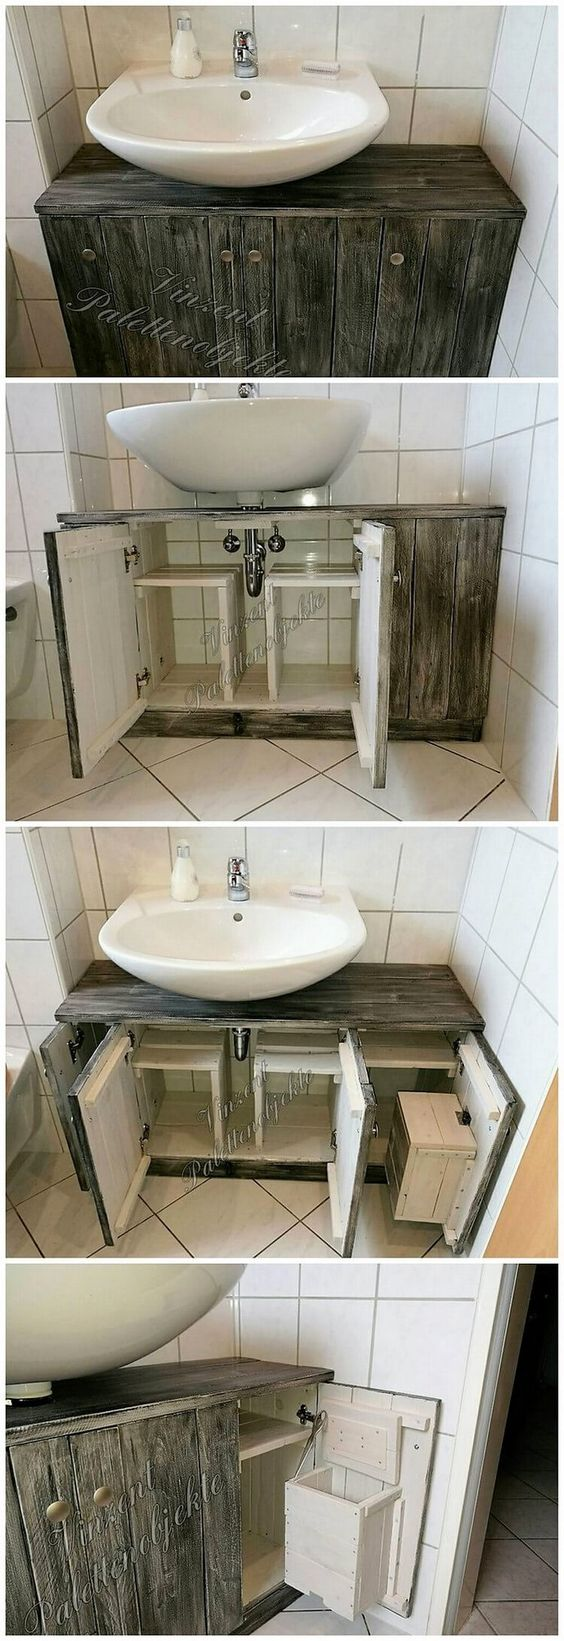 тумбочка-для-хранения-в-ванной